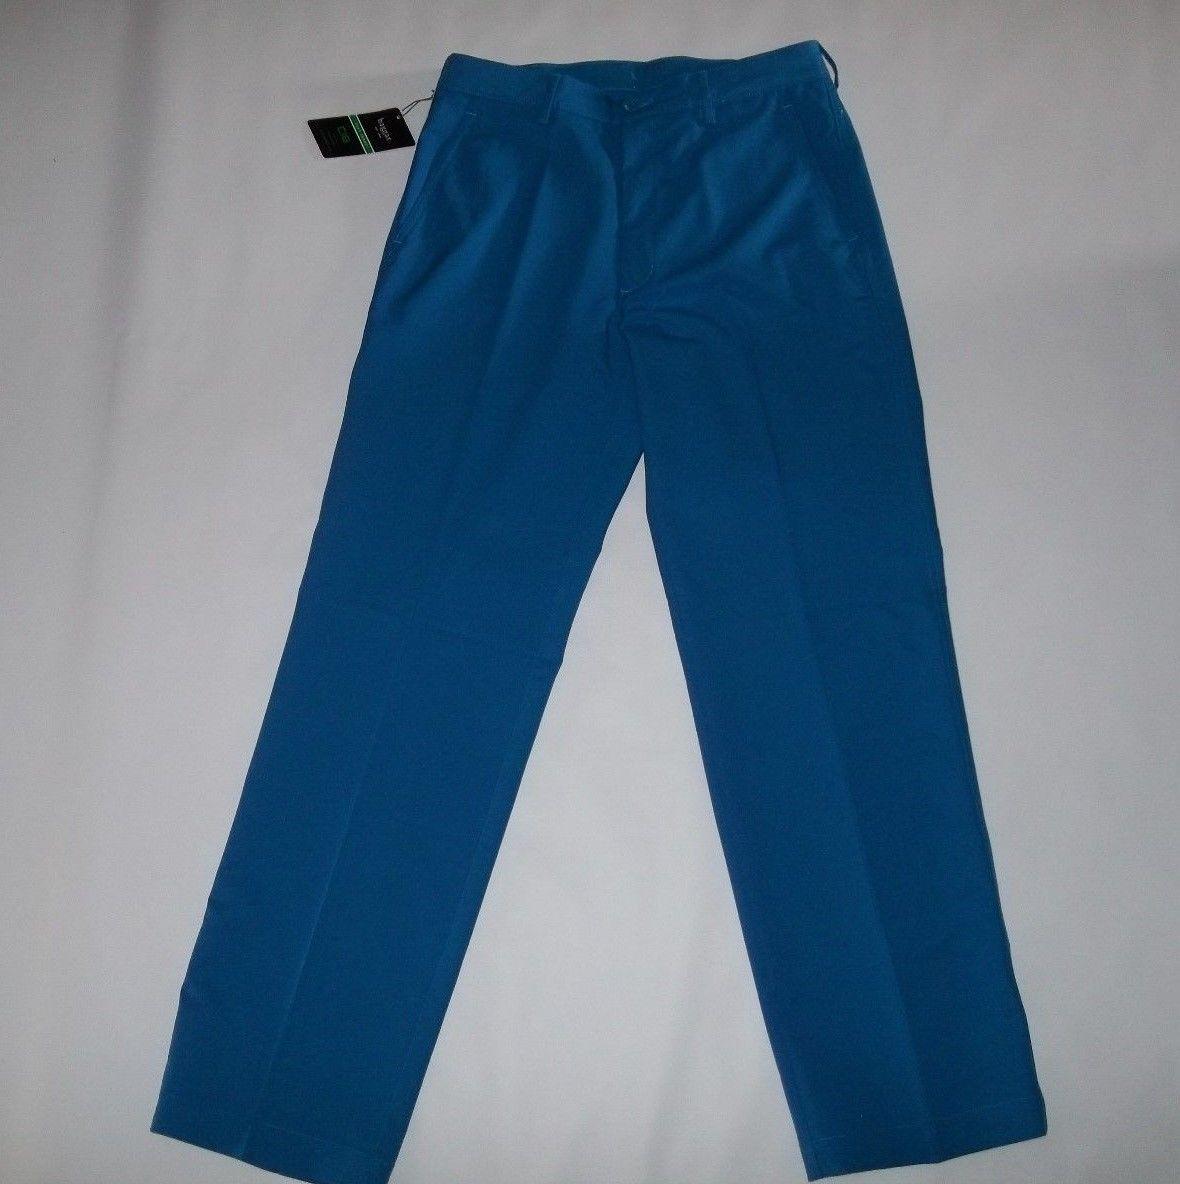 KRIZIA UOMO Men/'s Navy Blue Corduroy Cotton Pants $137 NEW